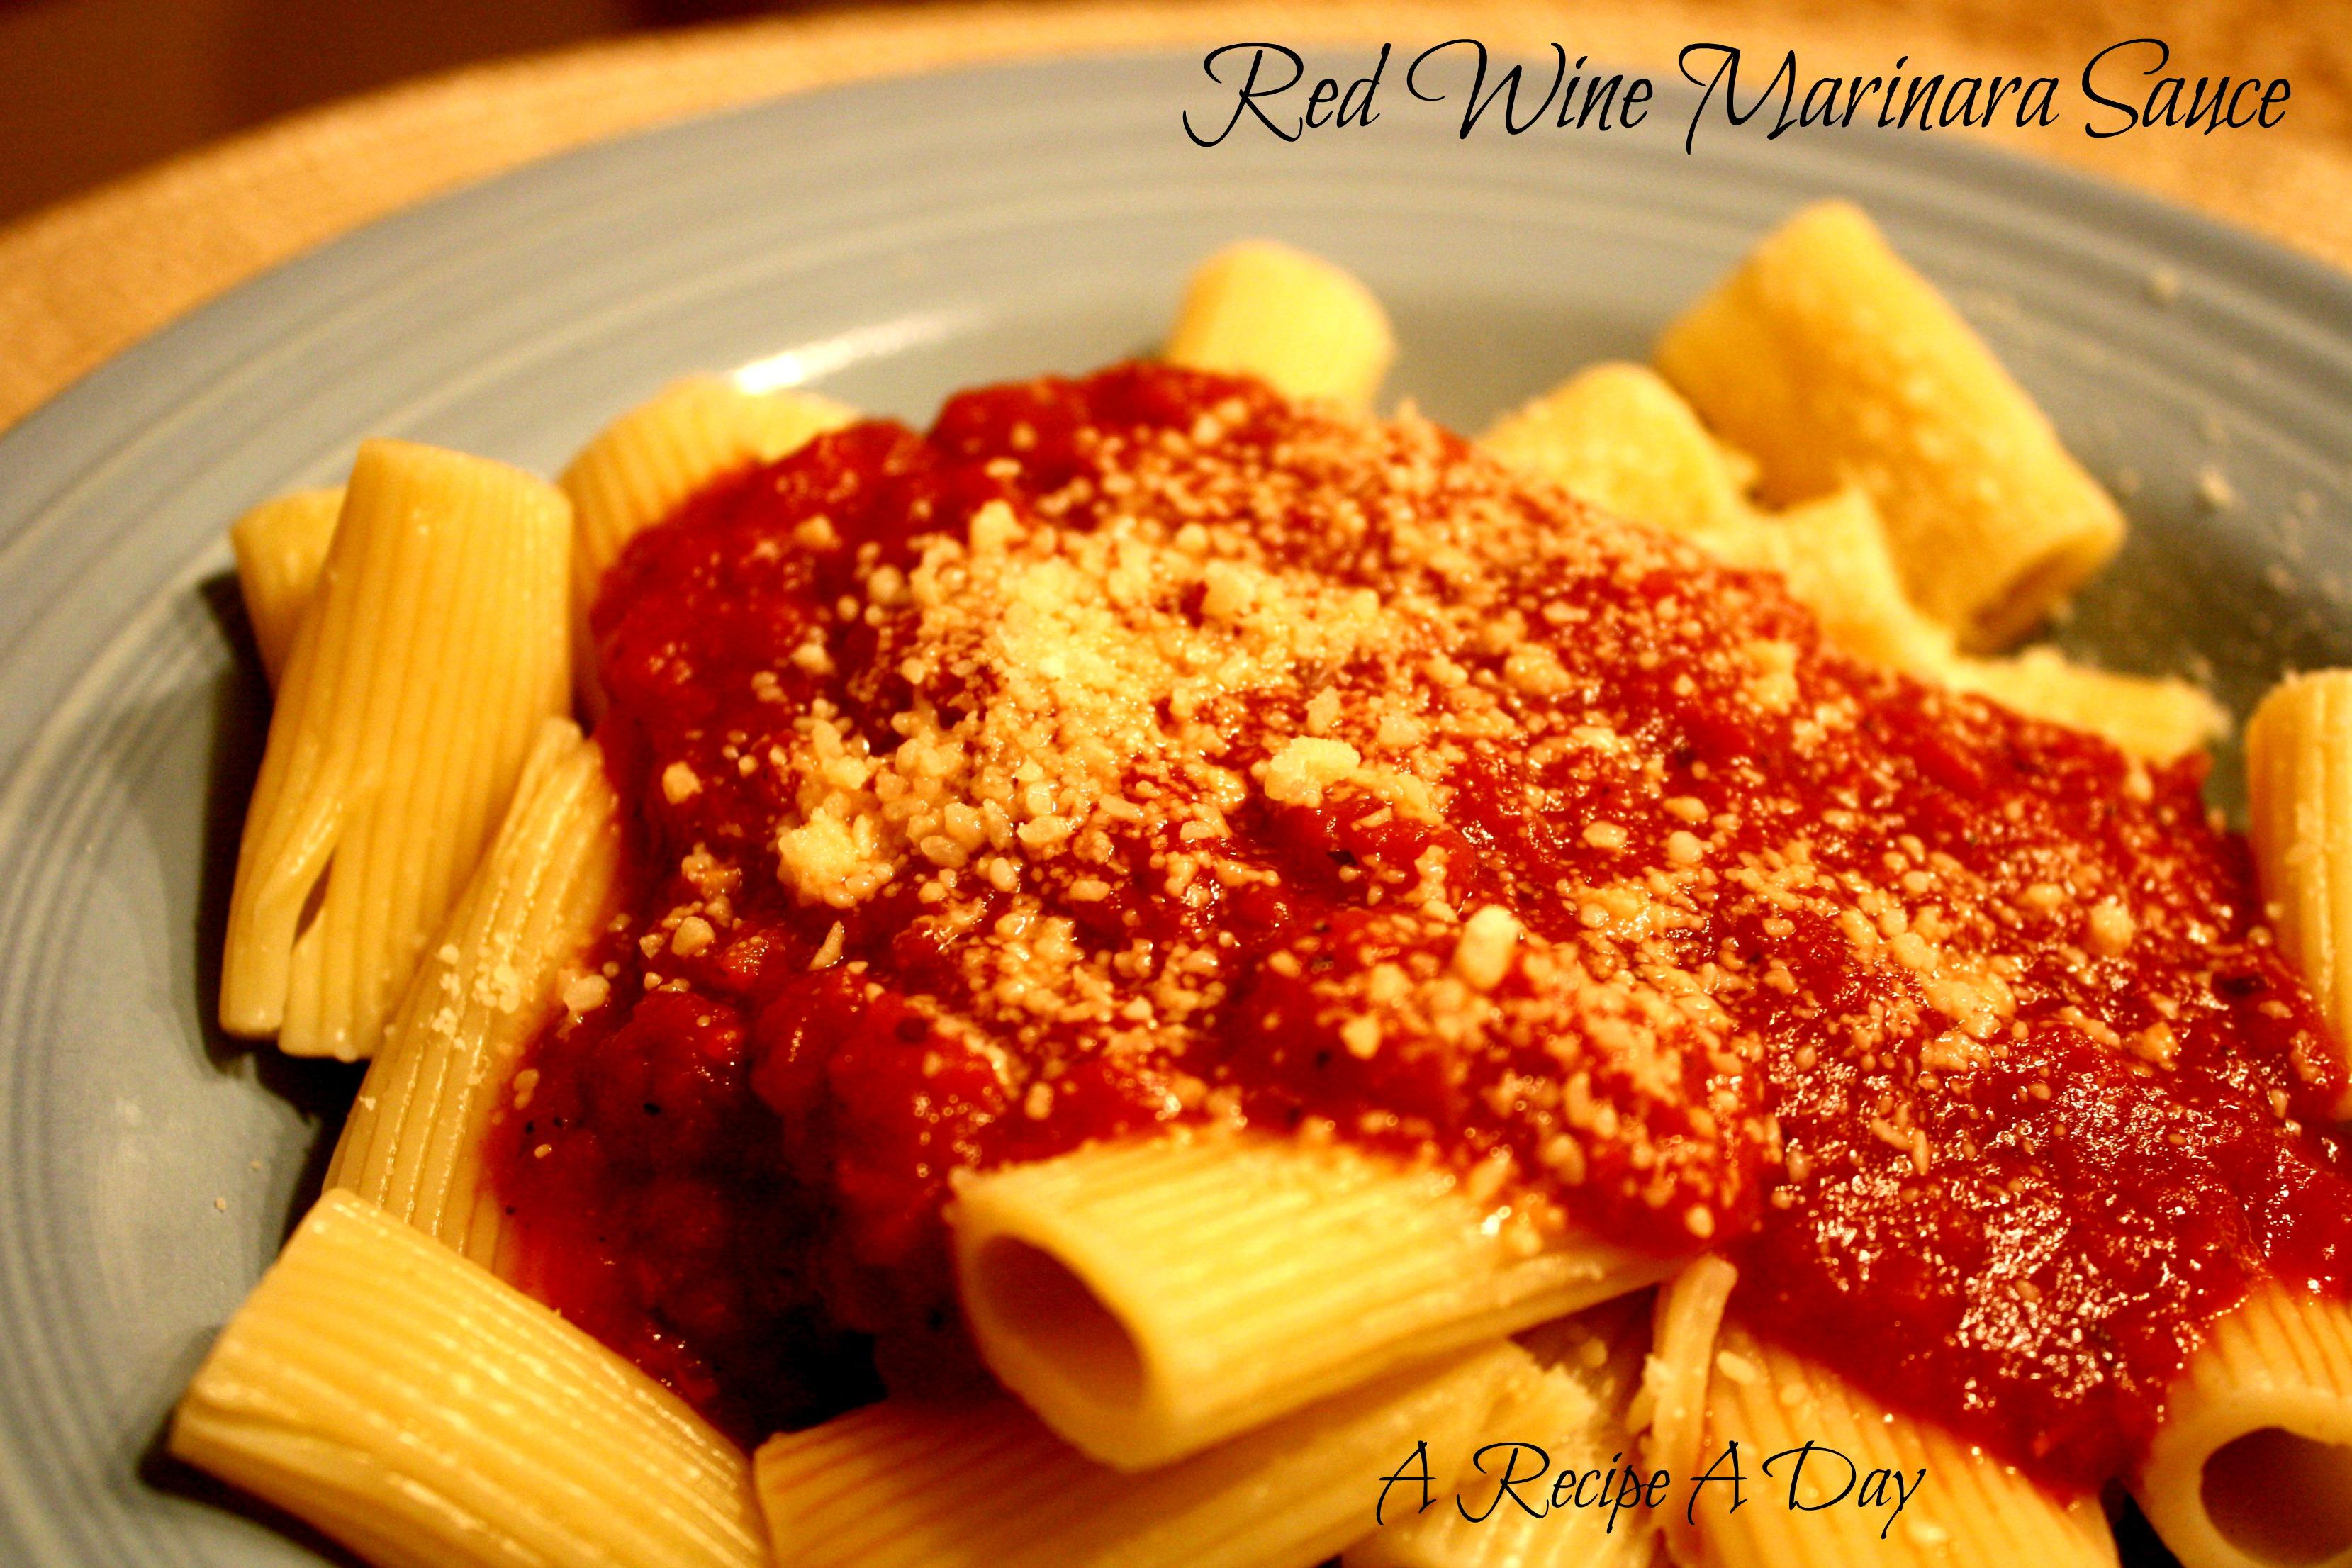 Red Wine Marinara Sauce